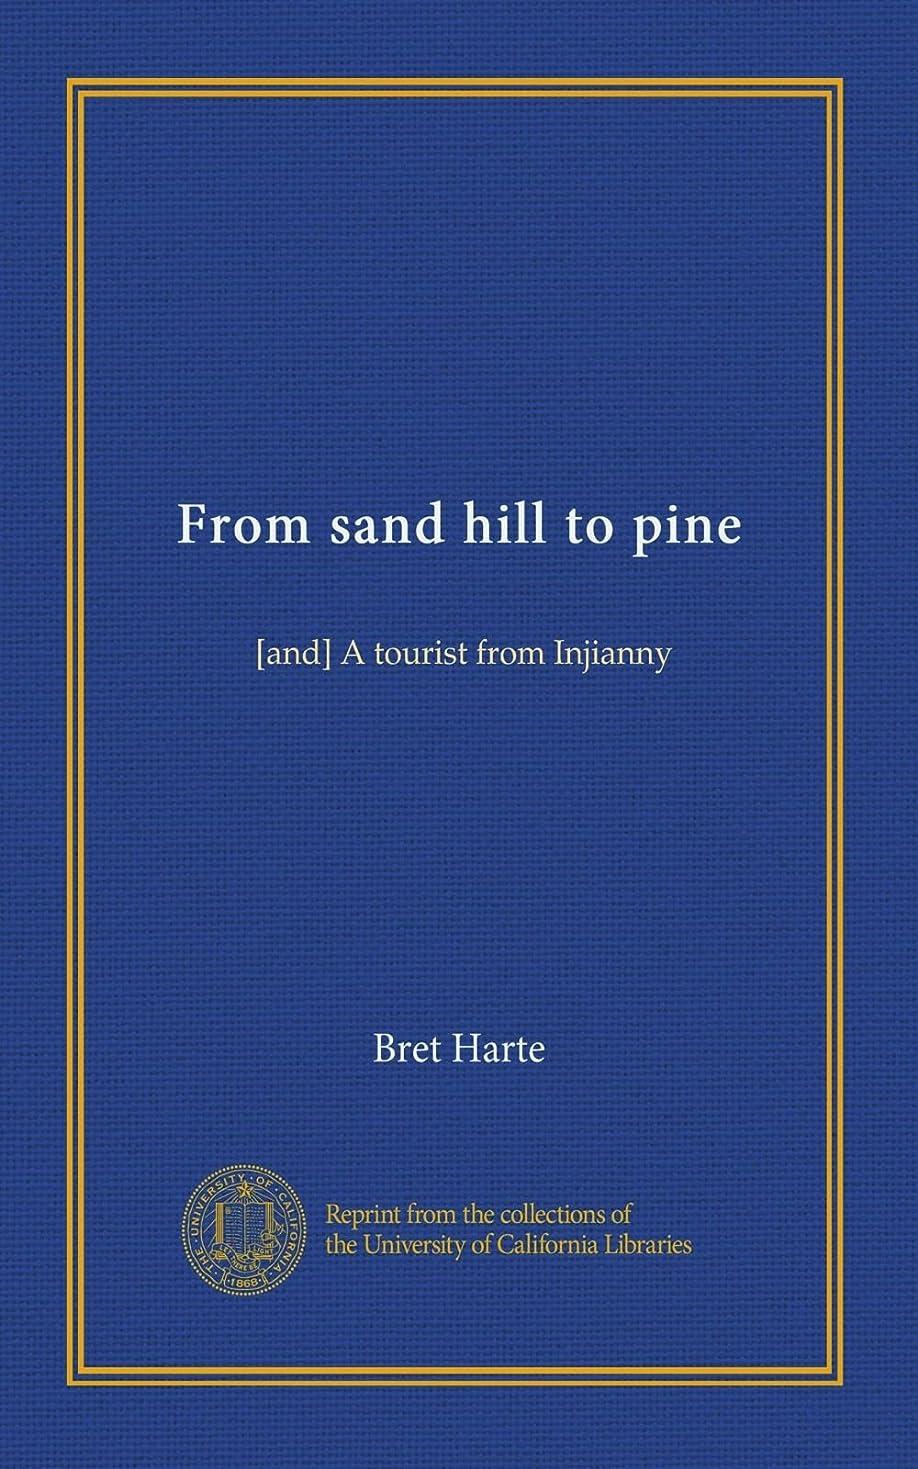 暗記する何故なの多様体From sand hill to pine: [and] A tourist from Injianny